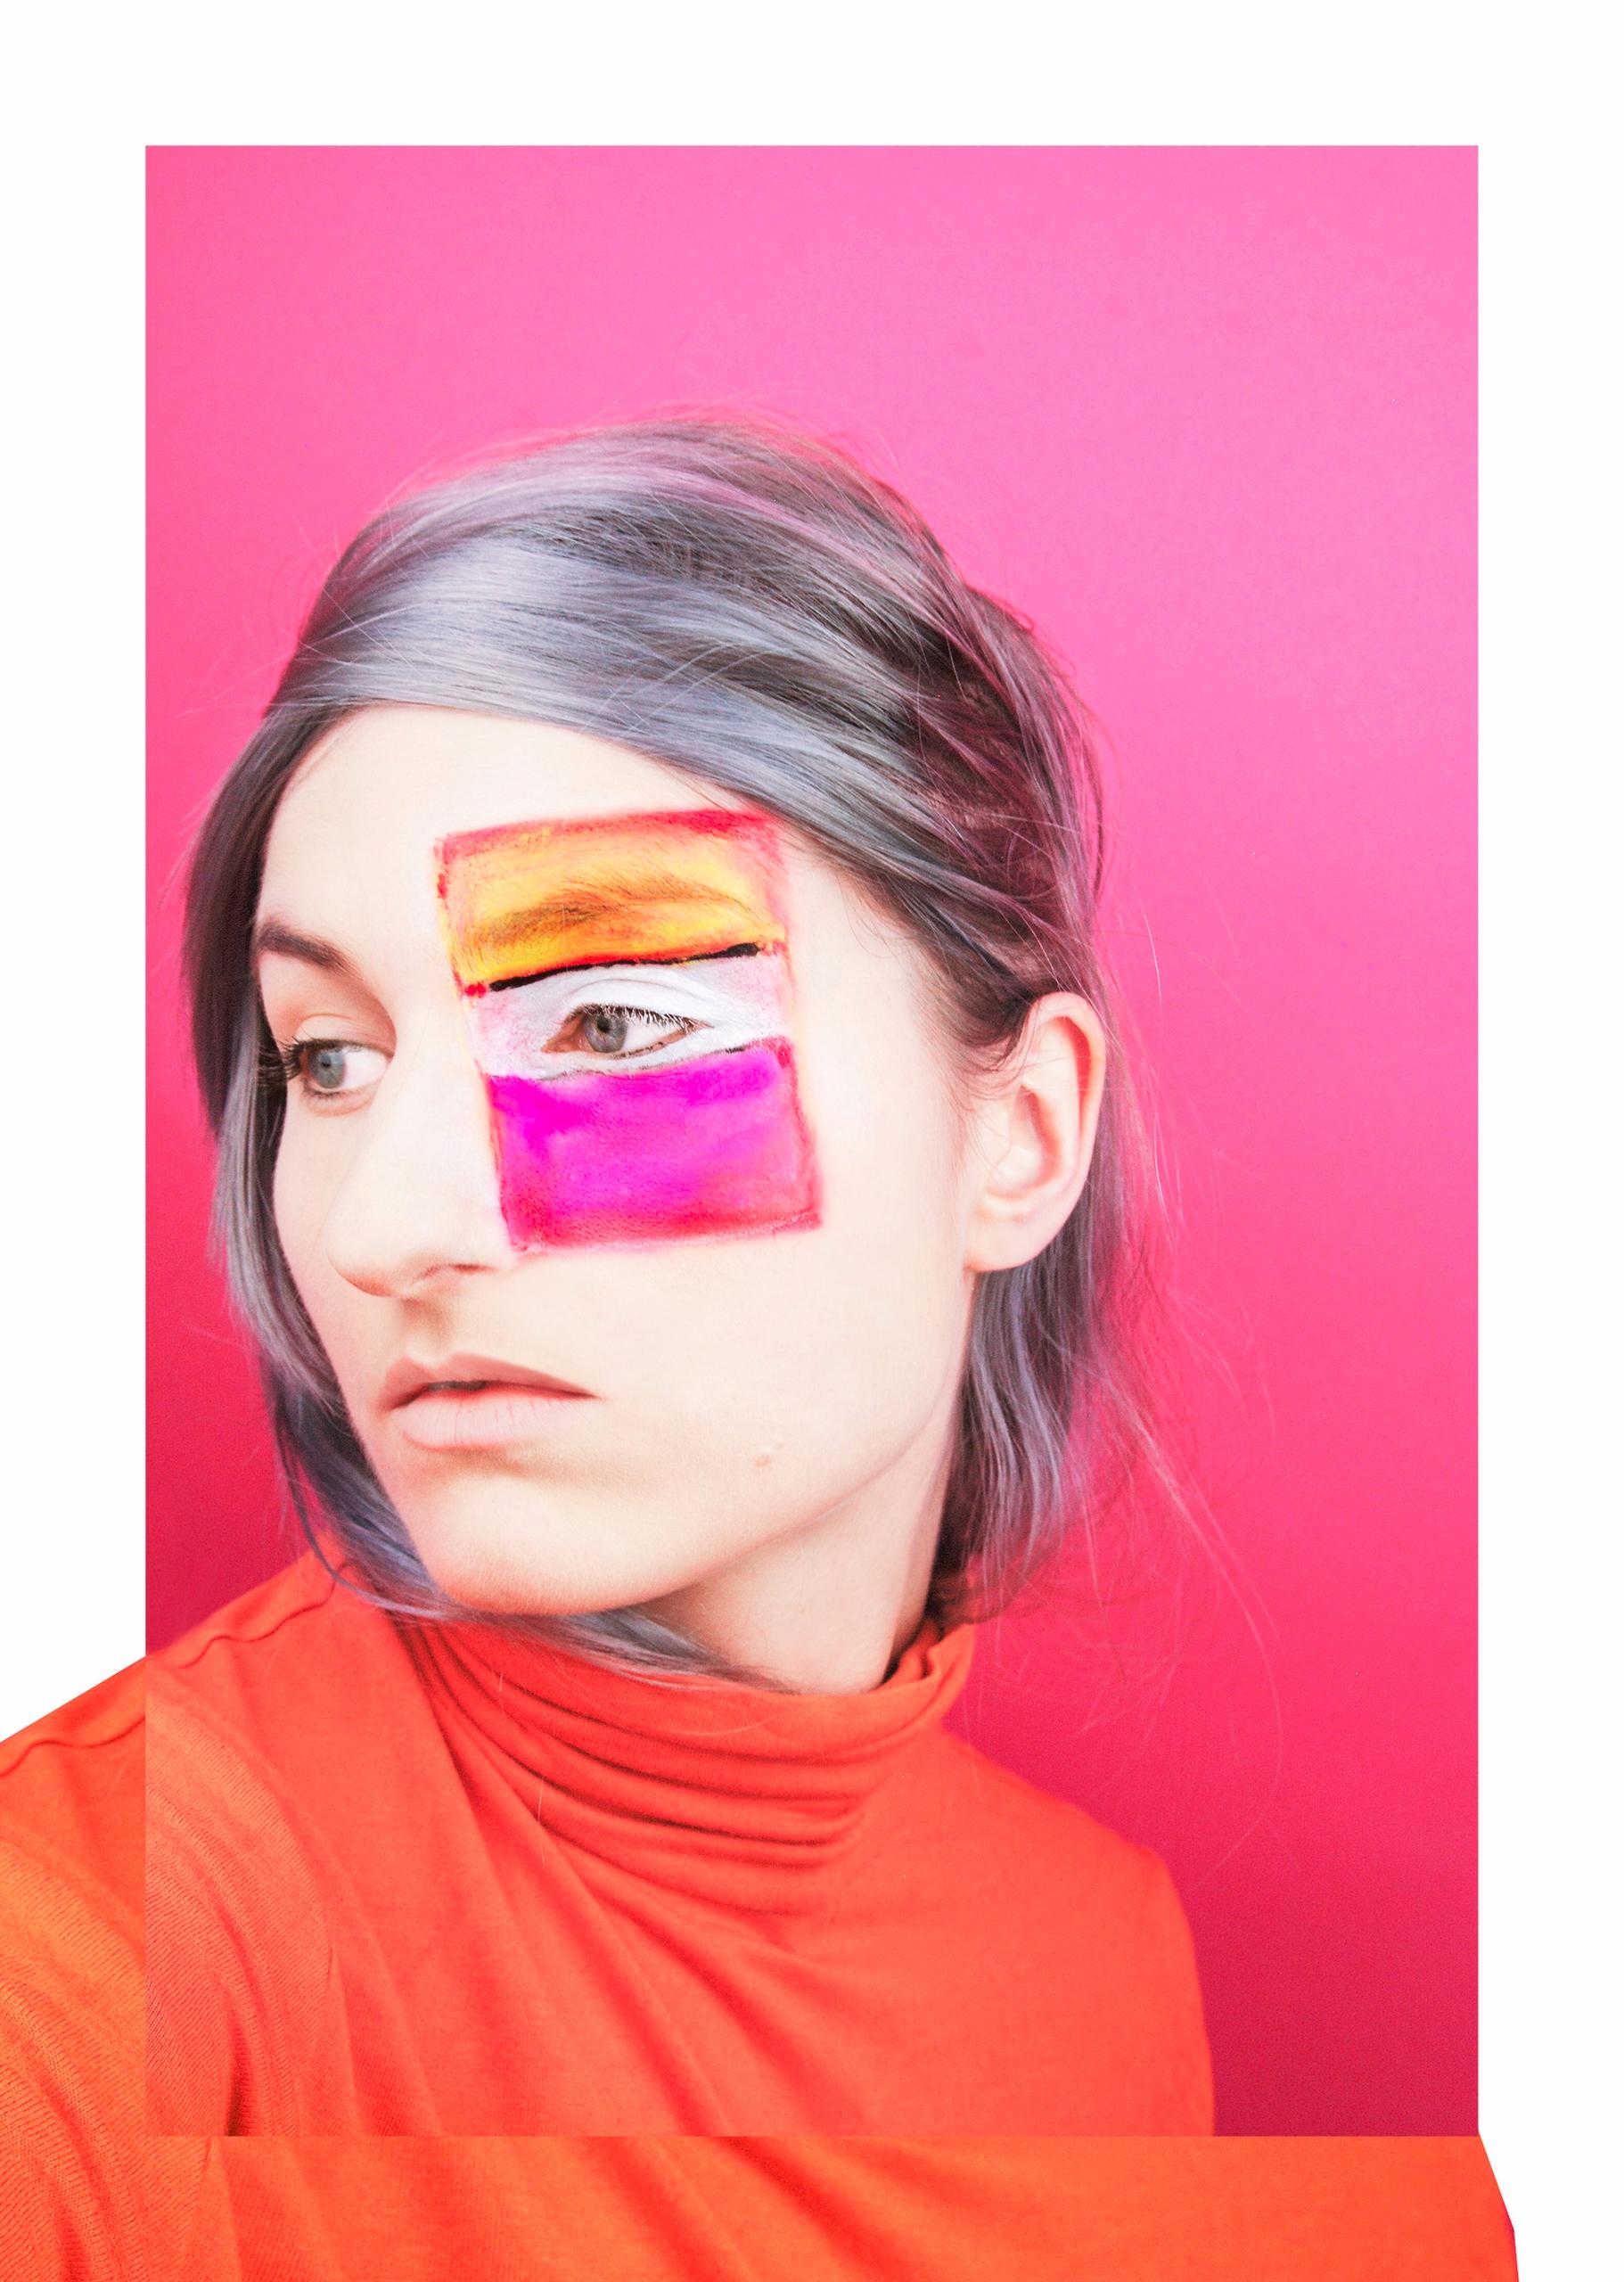 Zdjęcie przedstawia portret młodej kobiety z siwymi włosami na różowym tle. Kobieta ma na twarzy namalowany kolorowy prostokąt.